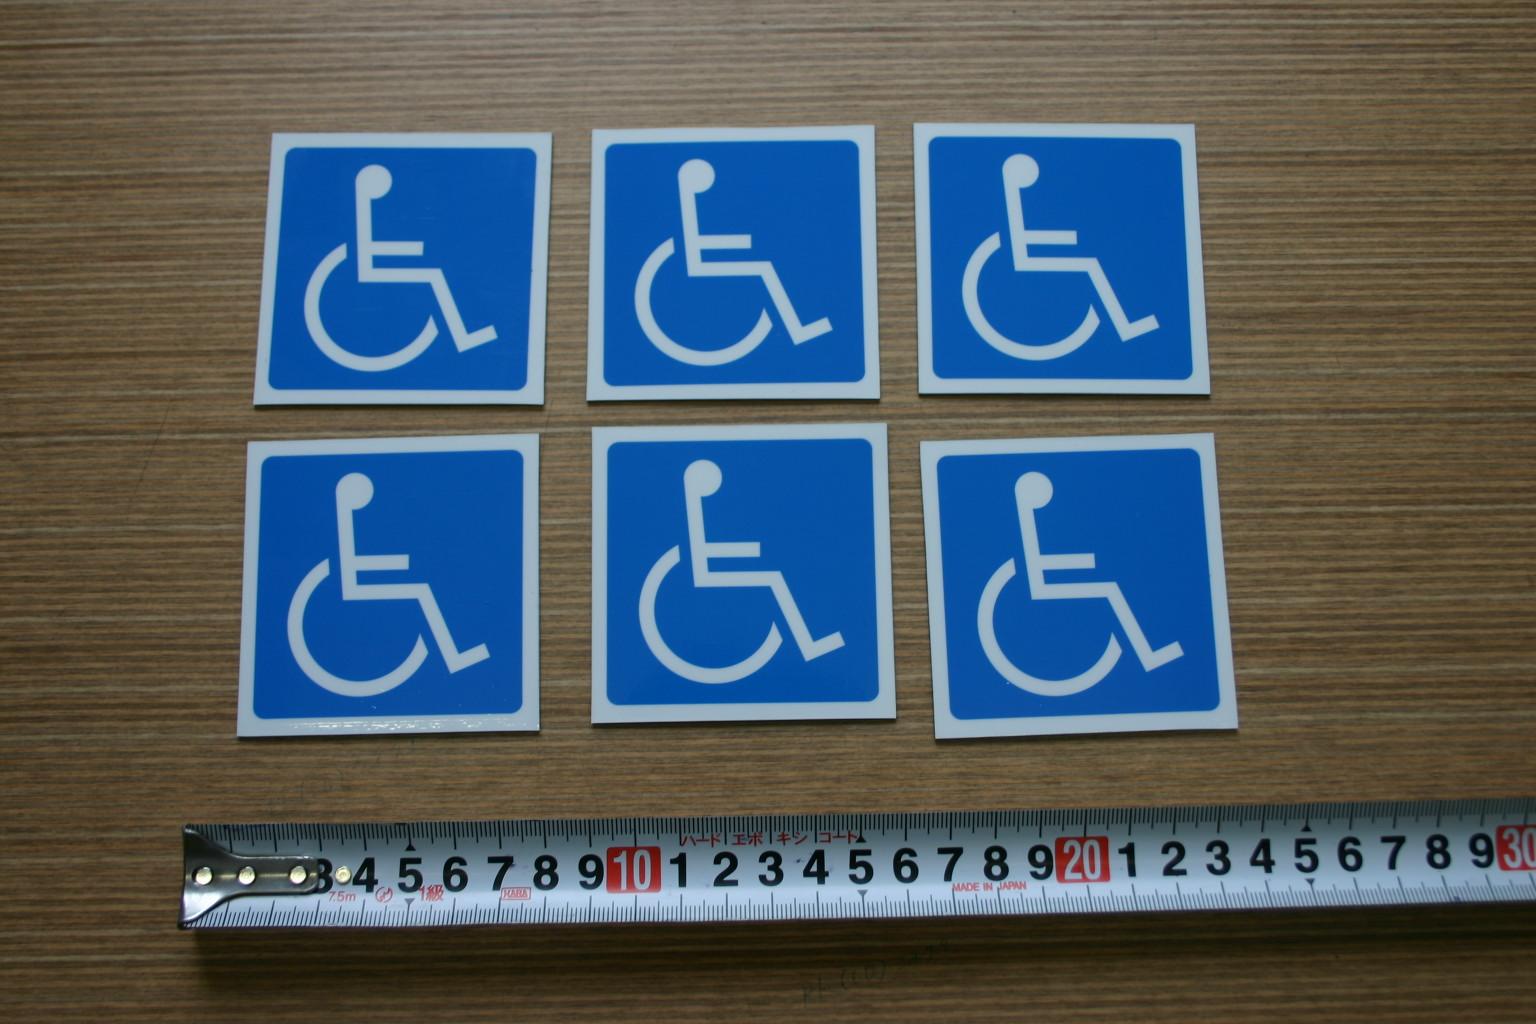 これは便利な本格仕様 車椅子ピクト 青色 1枚 70mm角 マグネットタイプ 国内正規品 送料無料でお届けします